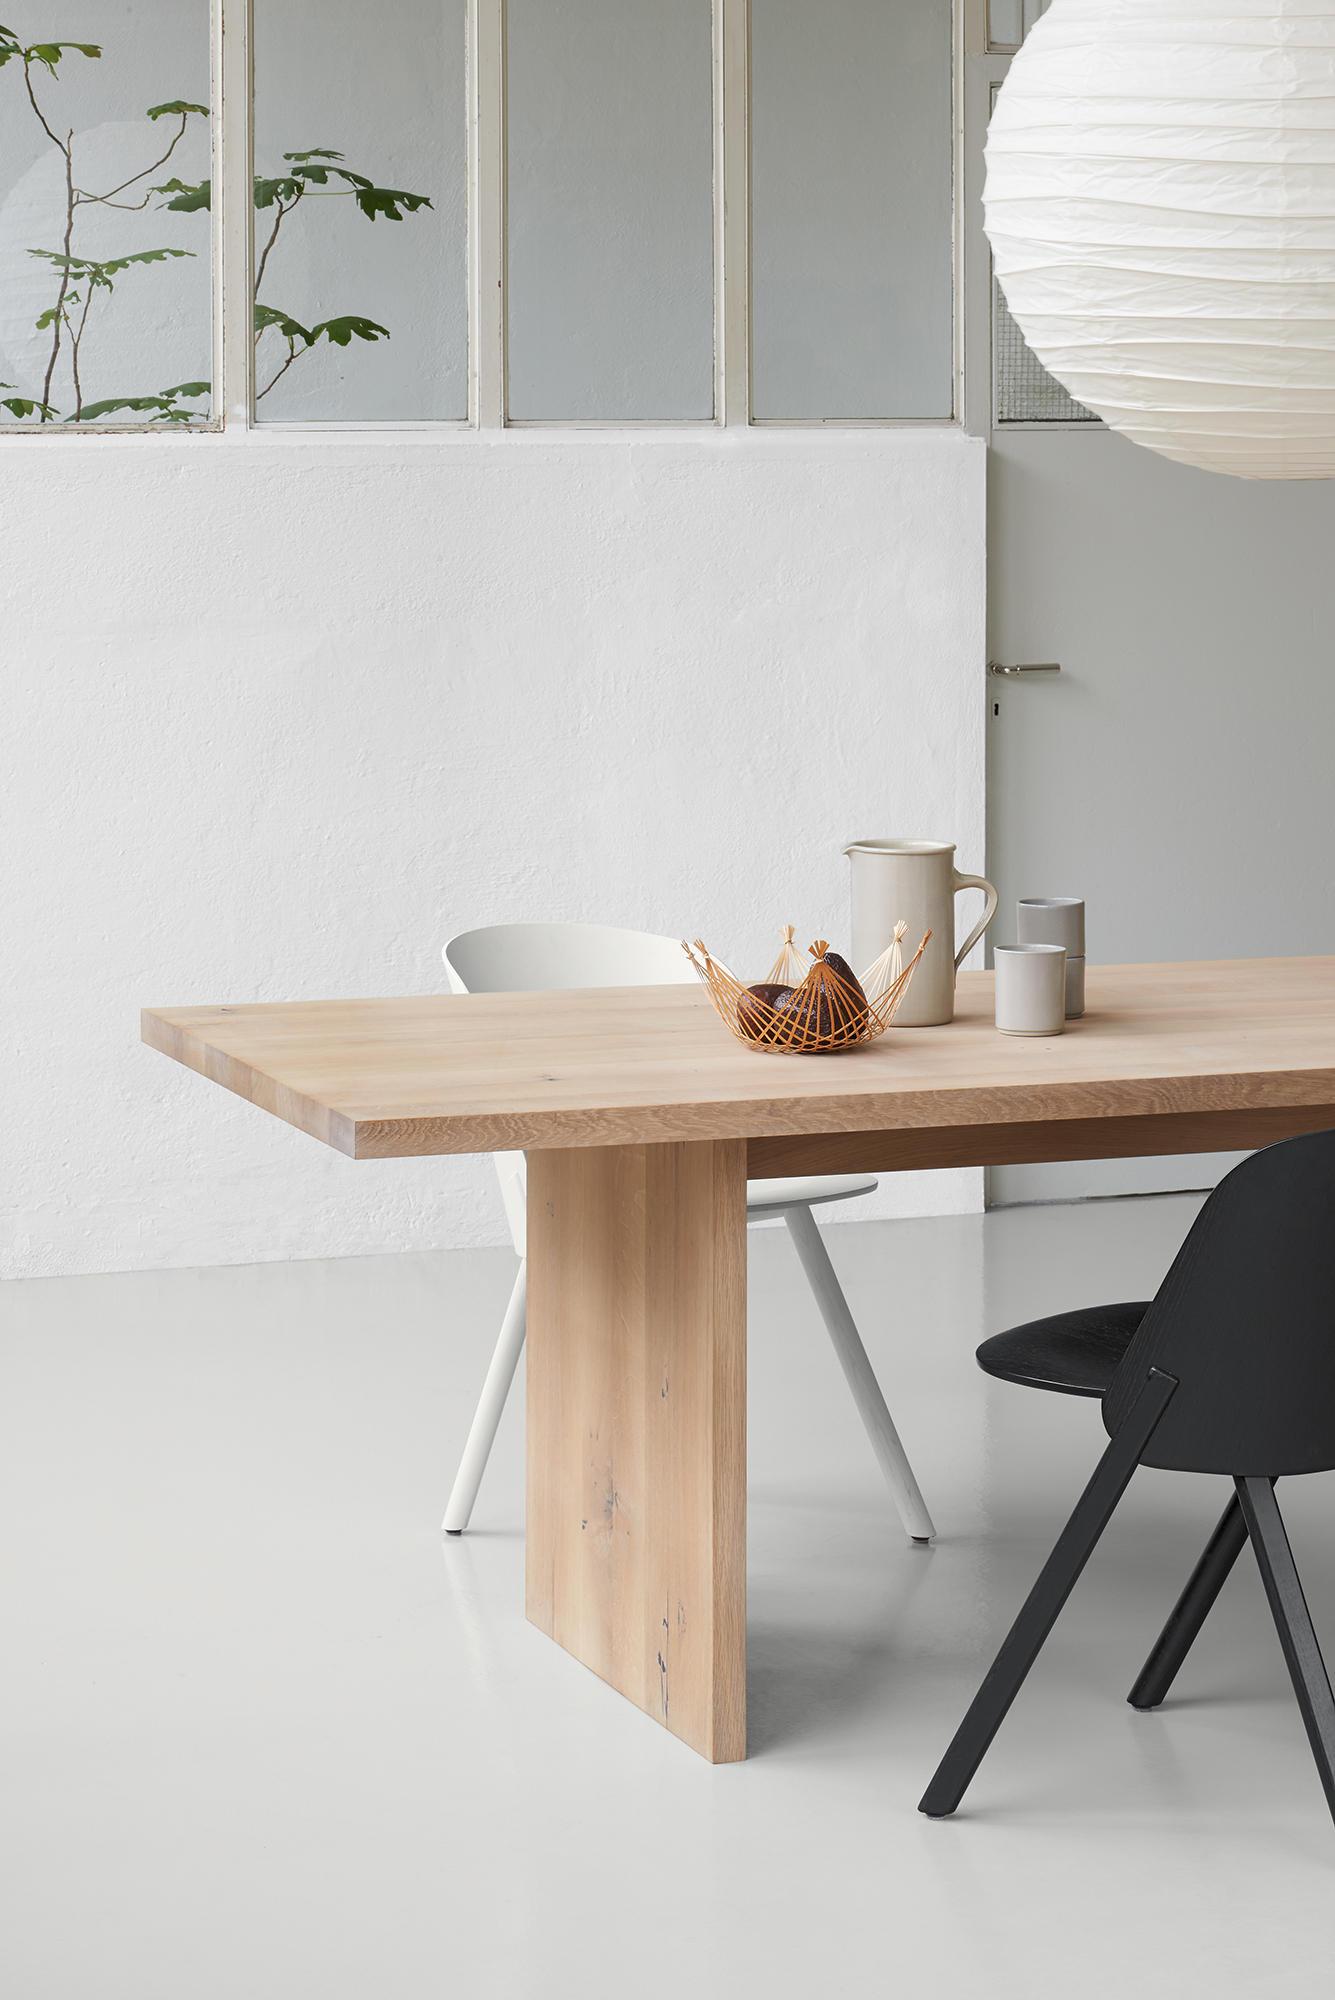 ASHIDA Table by e15